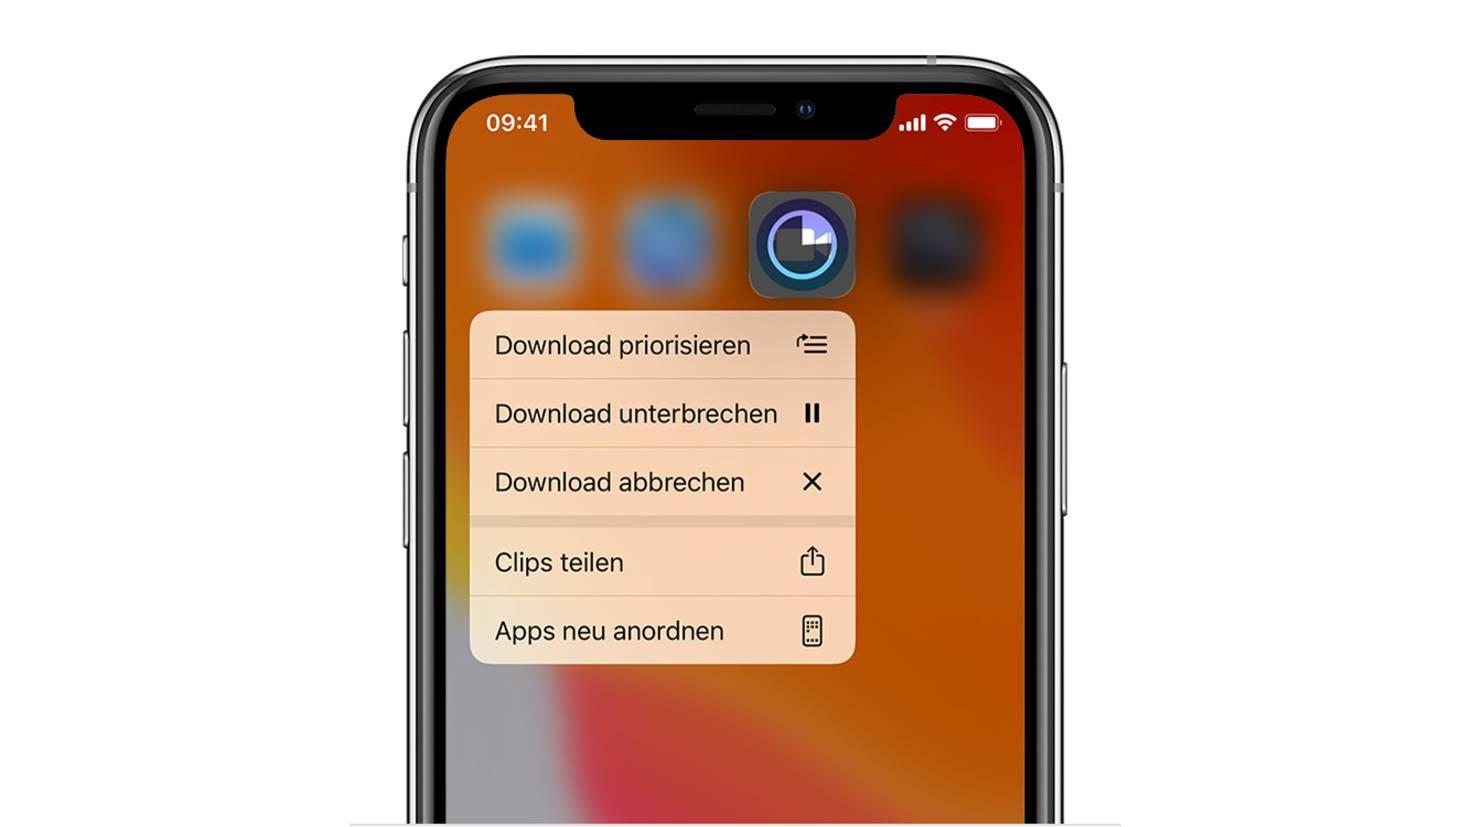 iphone-xs-ios-13-download-optionen